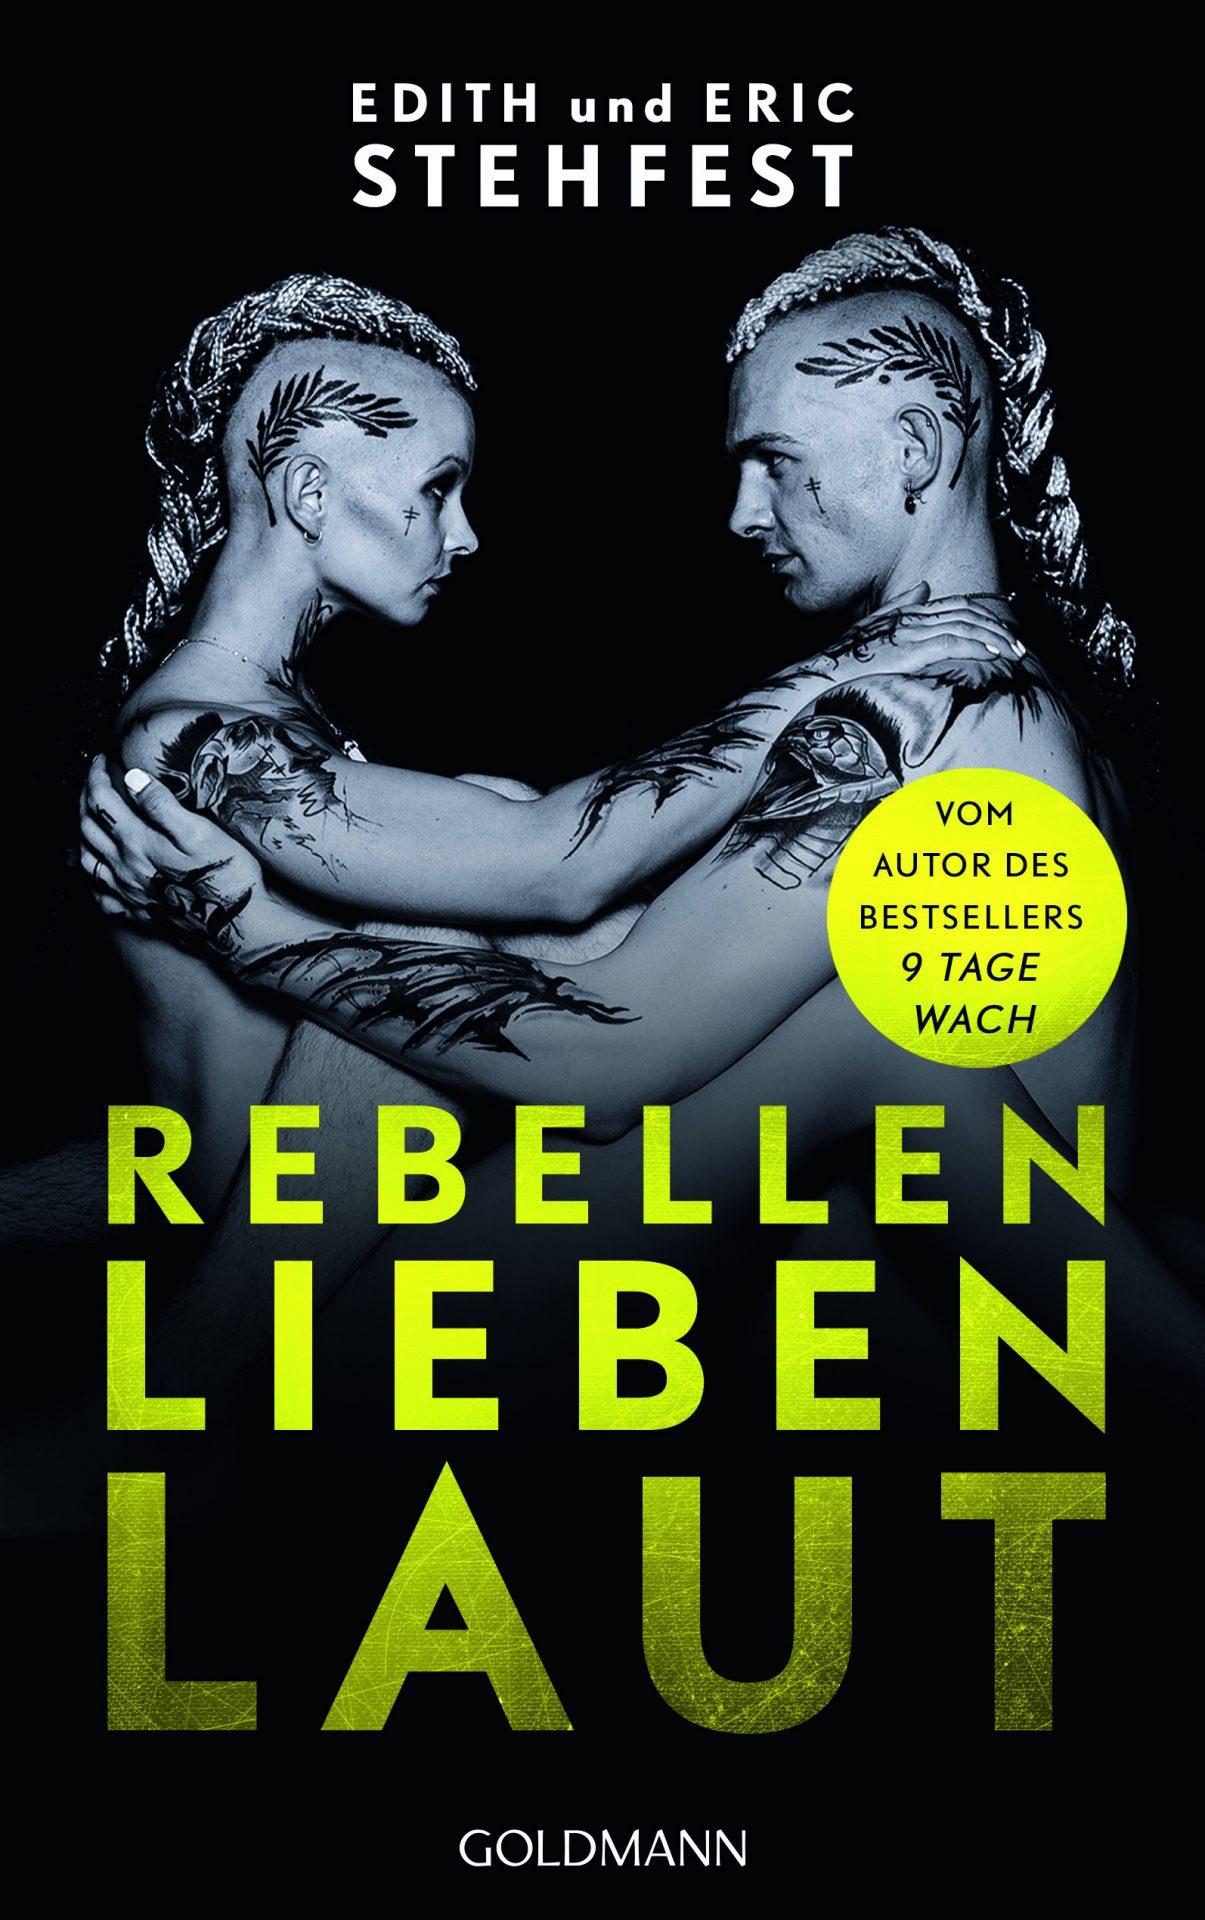 Edith und Eric Stehfest | Rebellen lieben laut